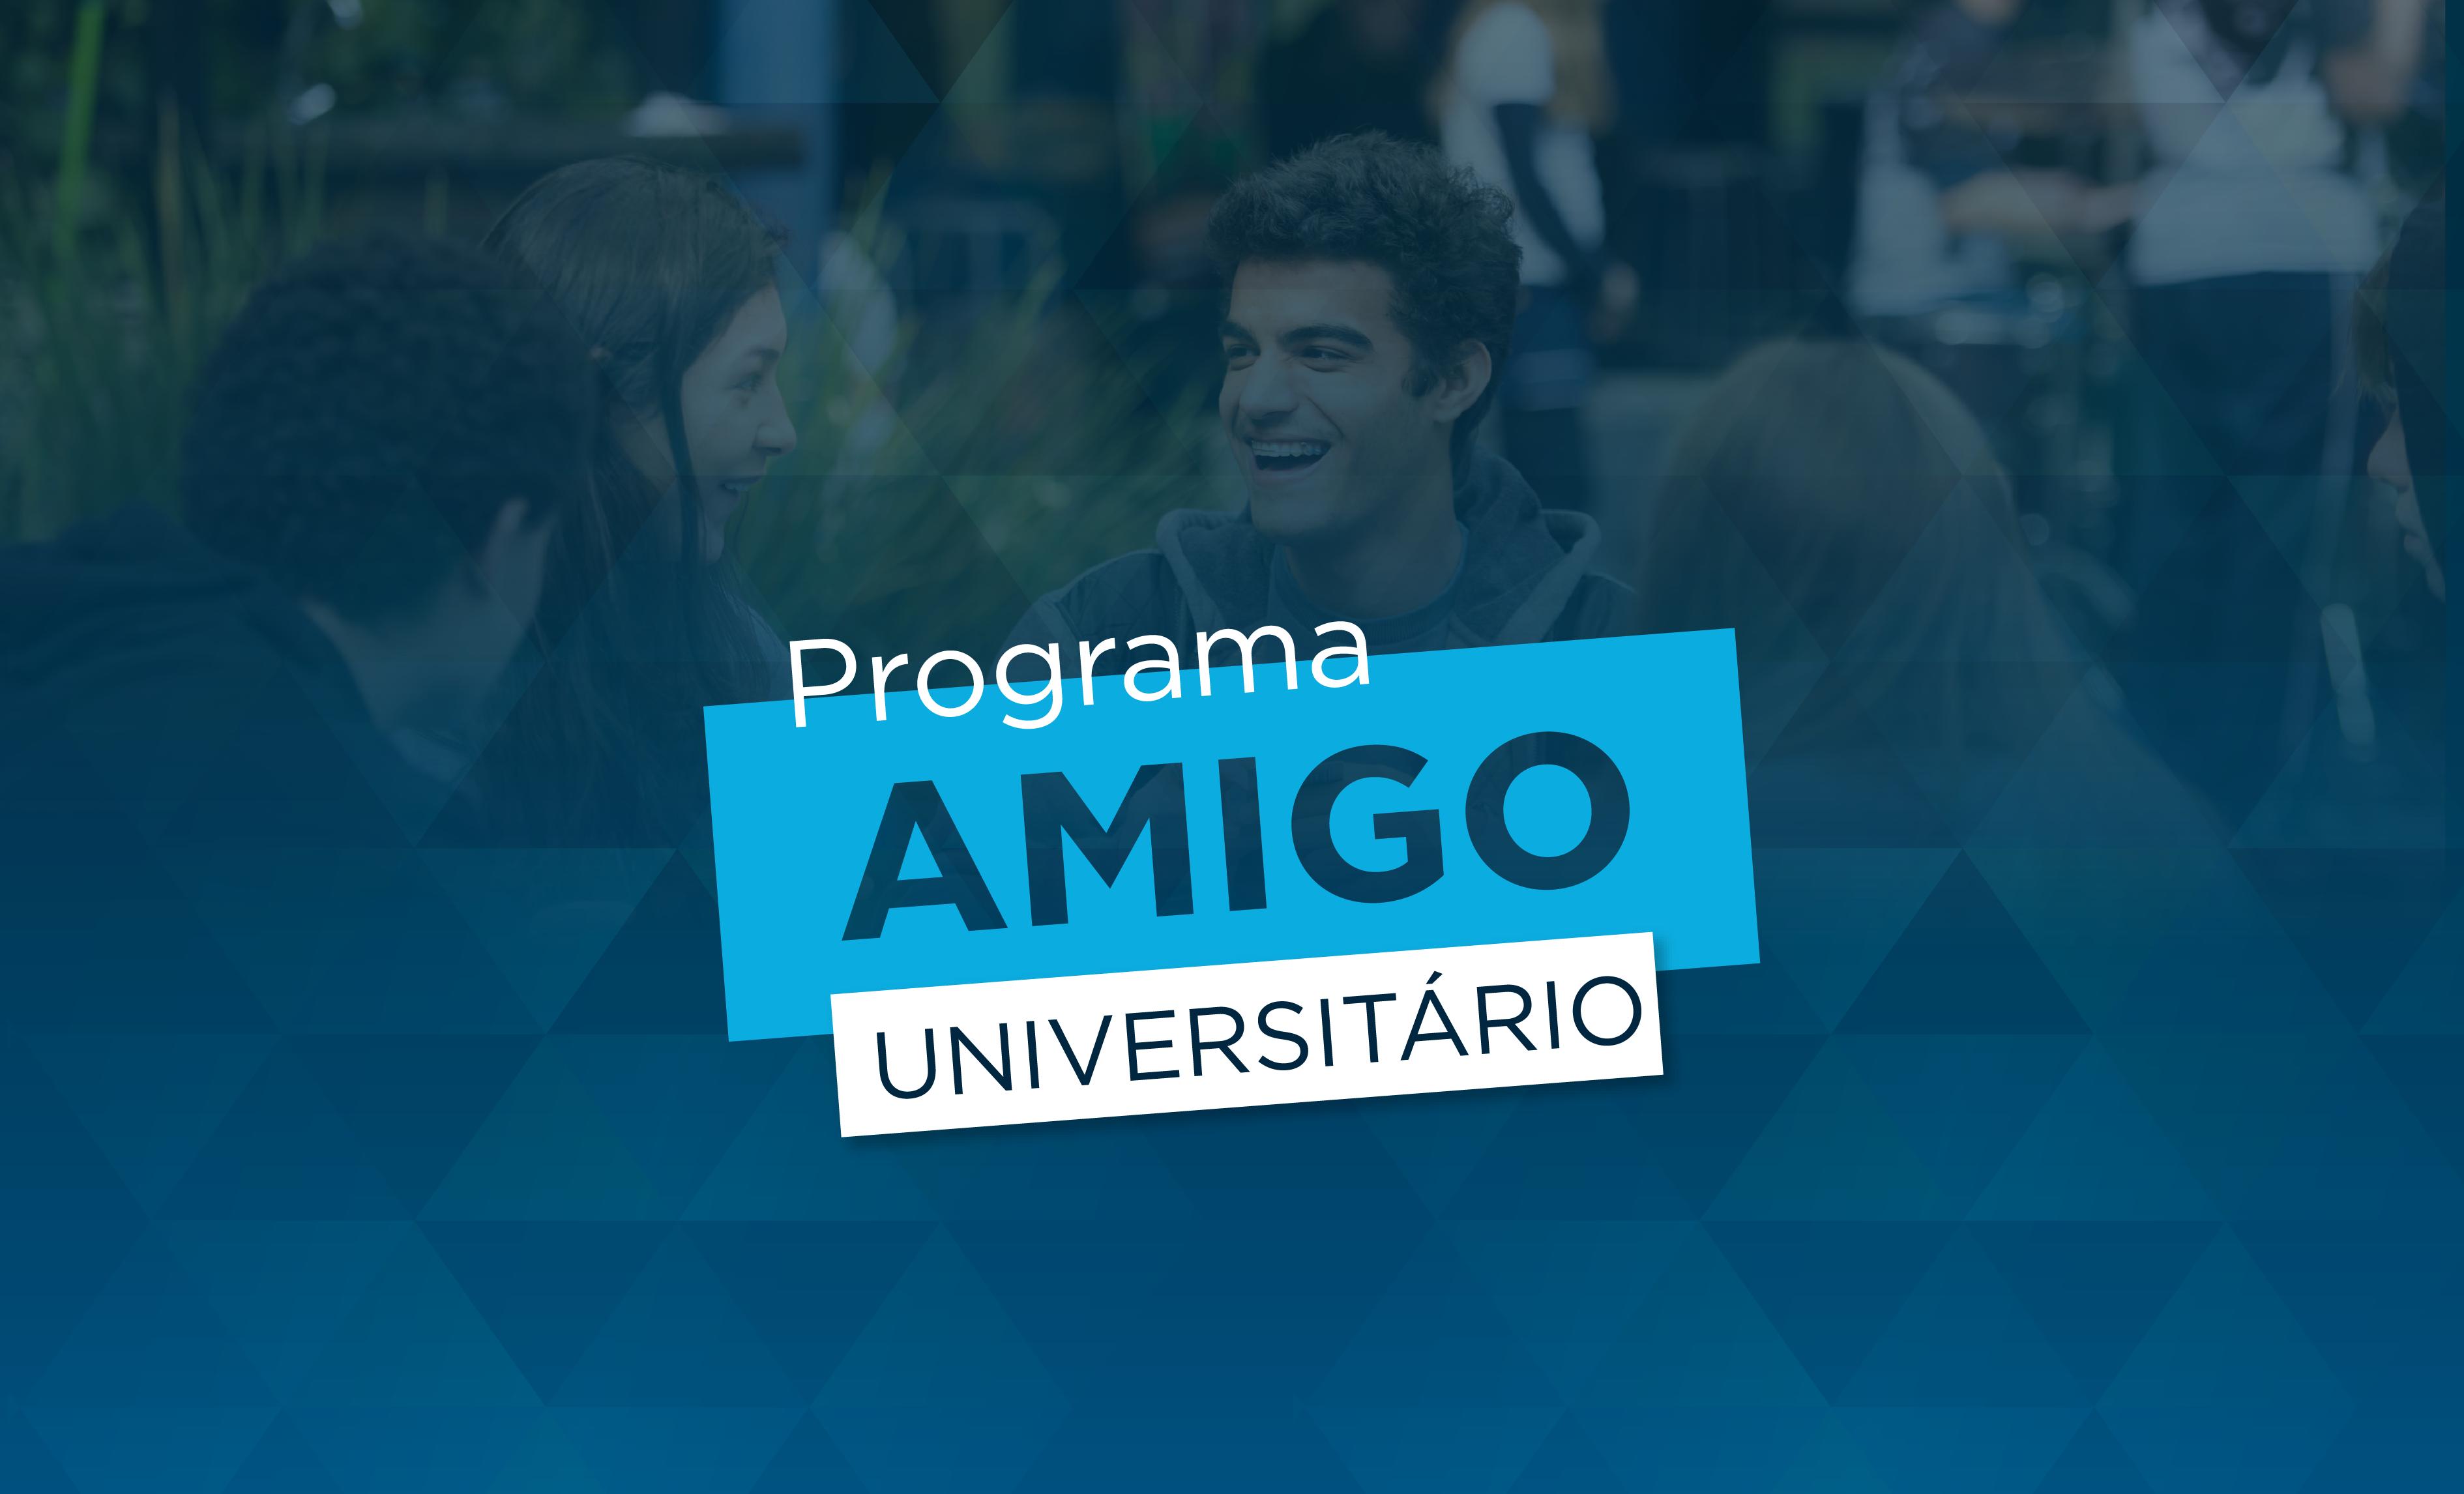 1398 - Peças Amigo Universitário notíca-20